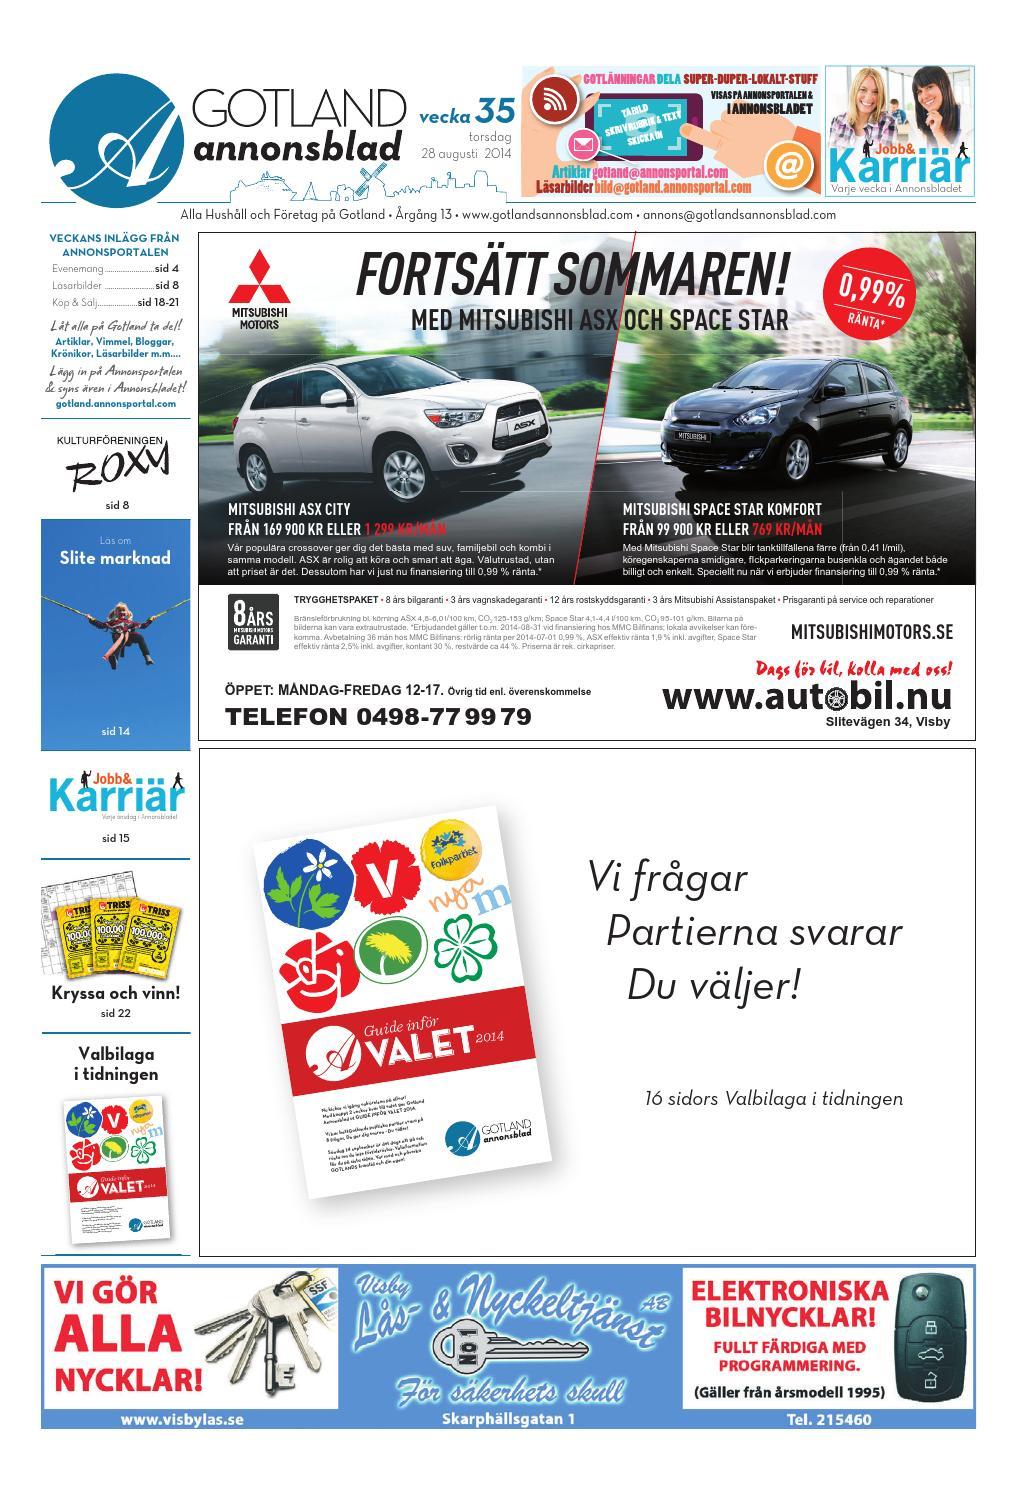 arbetsmarknaden - Finsam Gotland